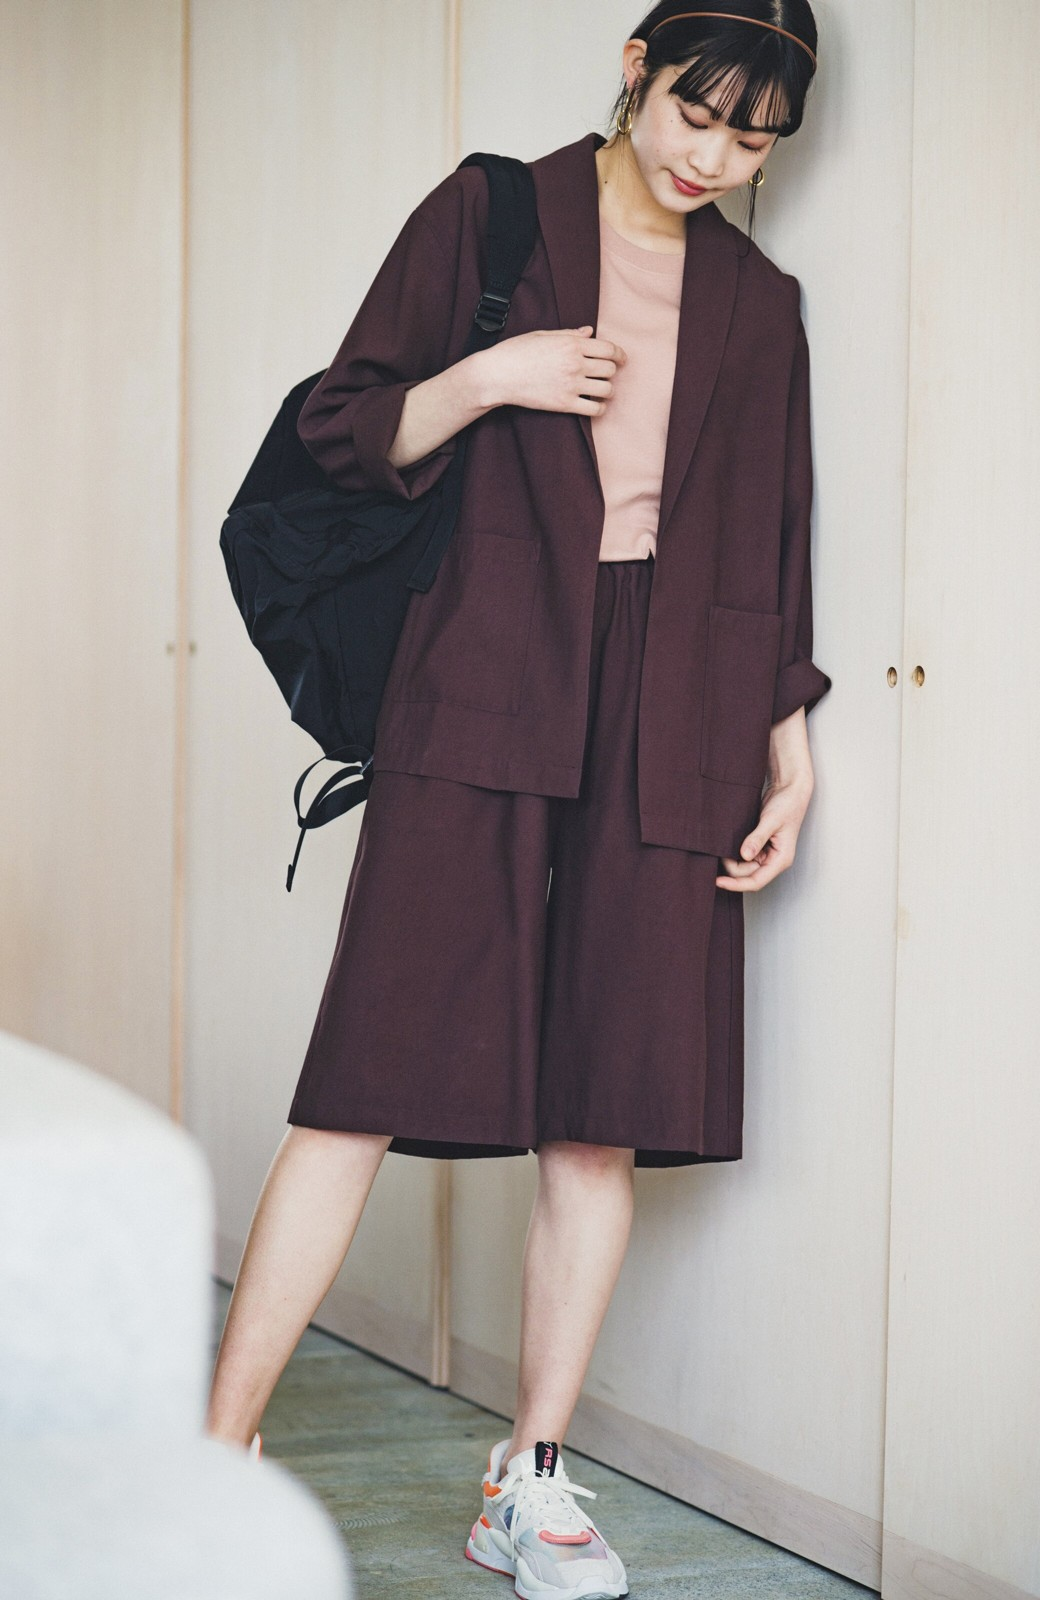 haco! さらりと羽織ってきれい見え カジュアルにも着られてほどよいきちんと感が頼りになるリラックスジャケット <チョコ>の商品写真5